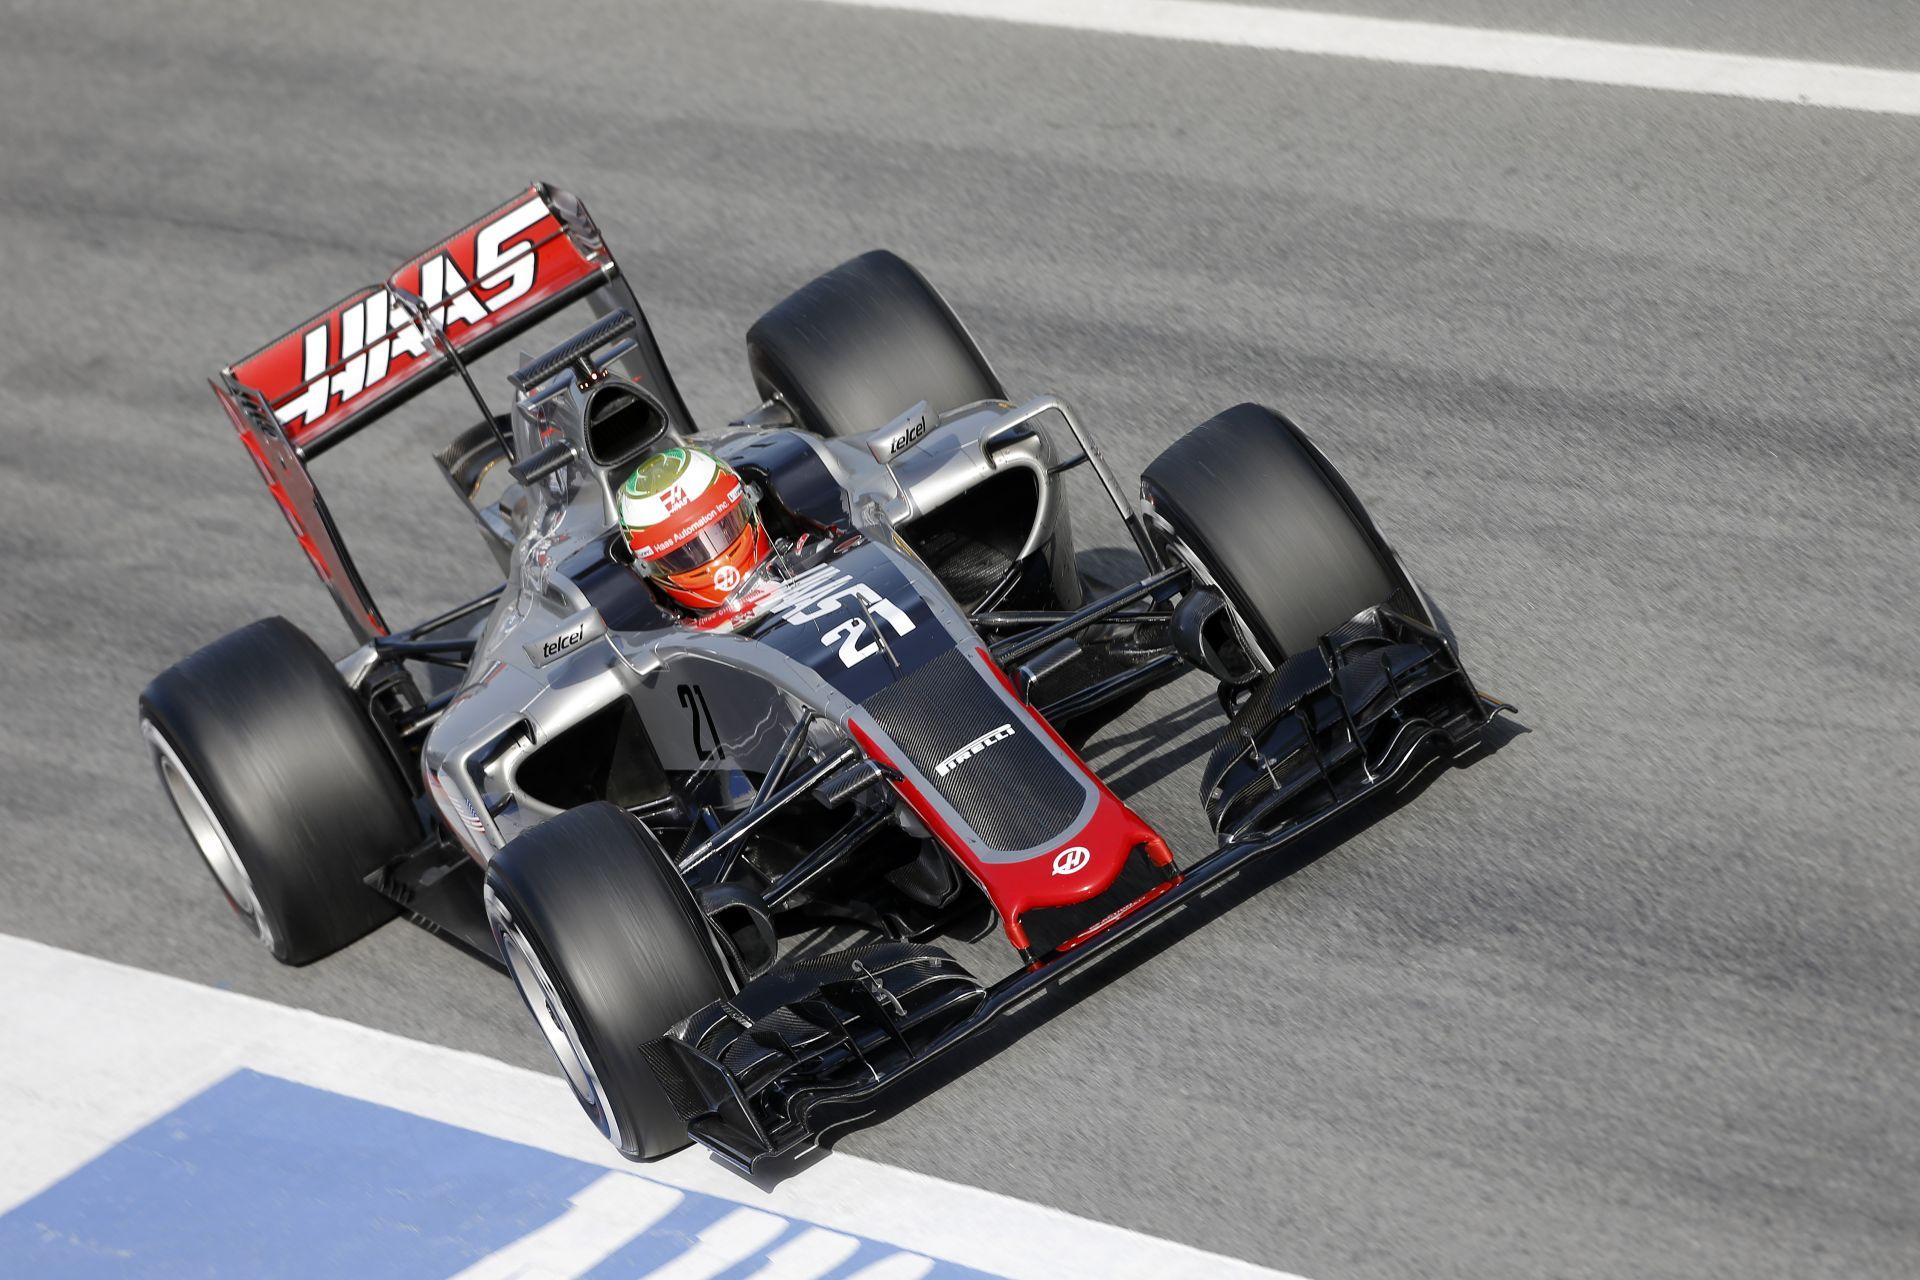 A Haas meglepően jól indult, de sok még a probléma, amire kevés az idő